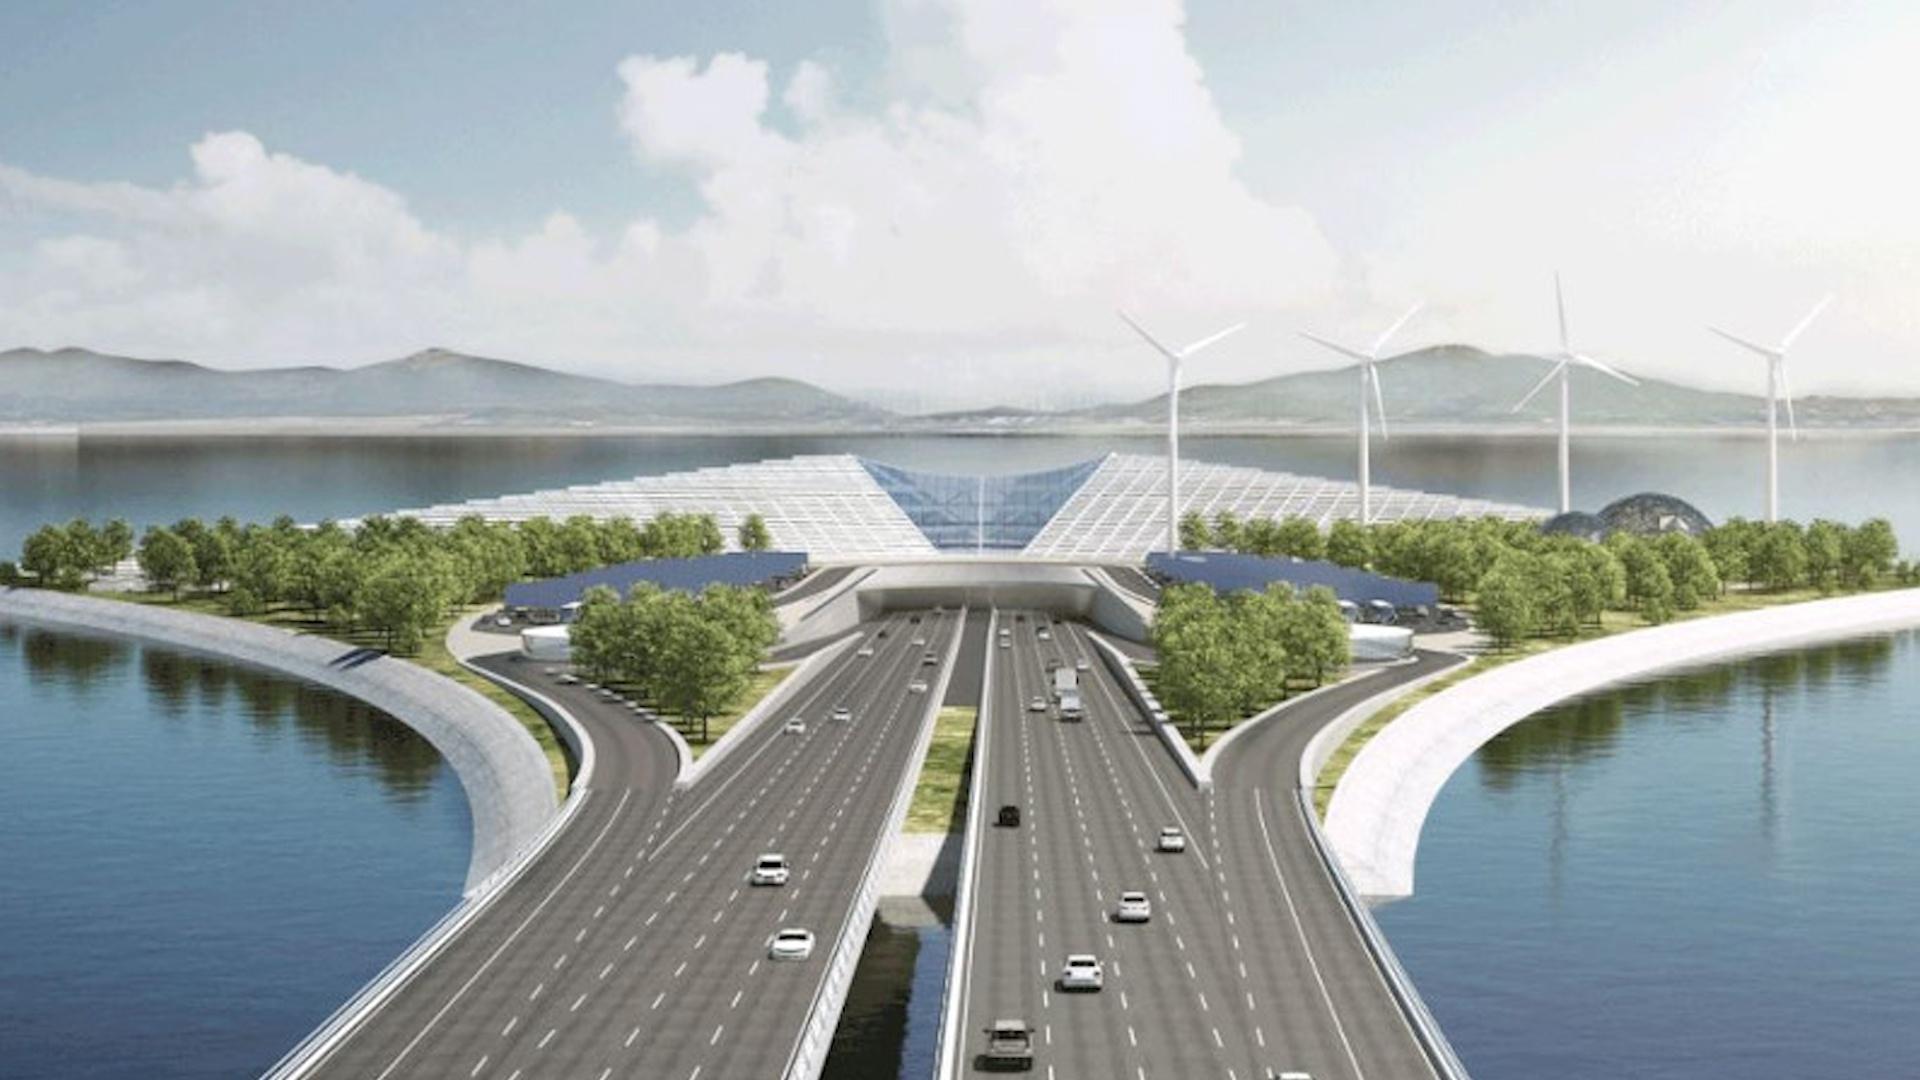 Siêu dự án cầu vượt biển với 8 làn đường của Trung Quốc